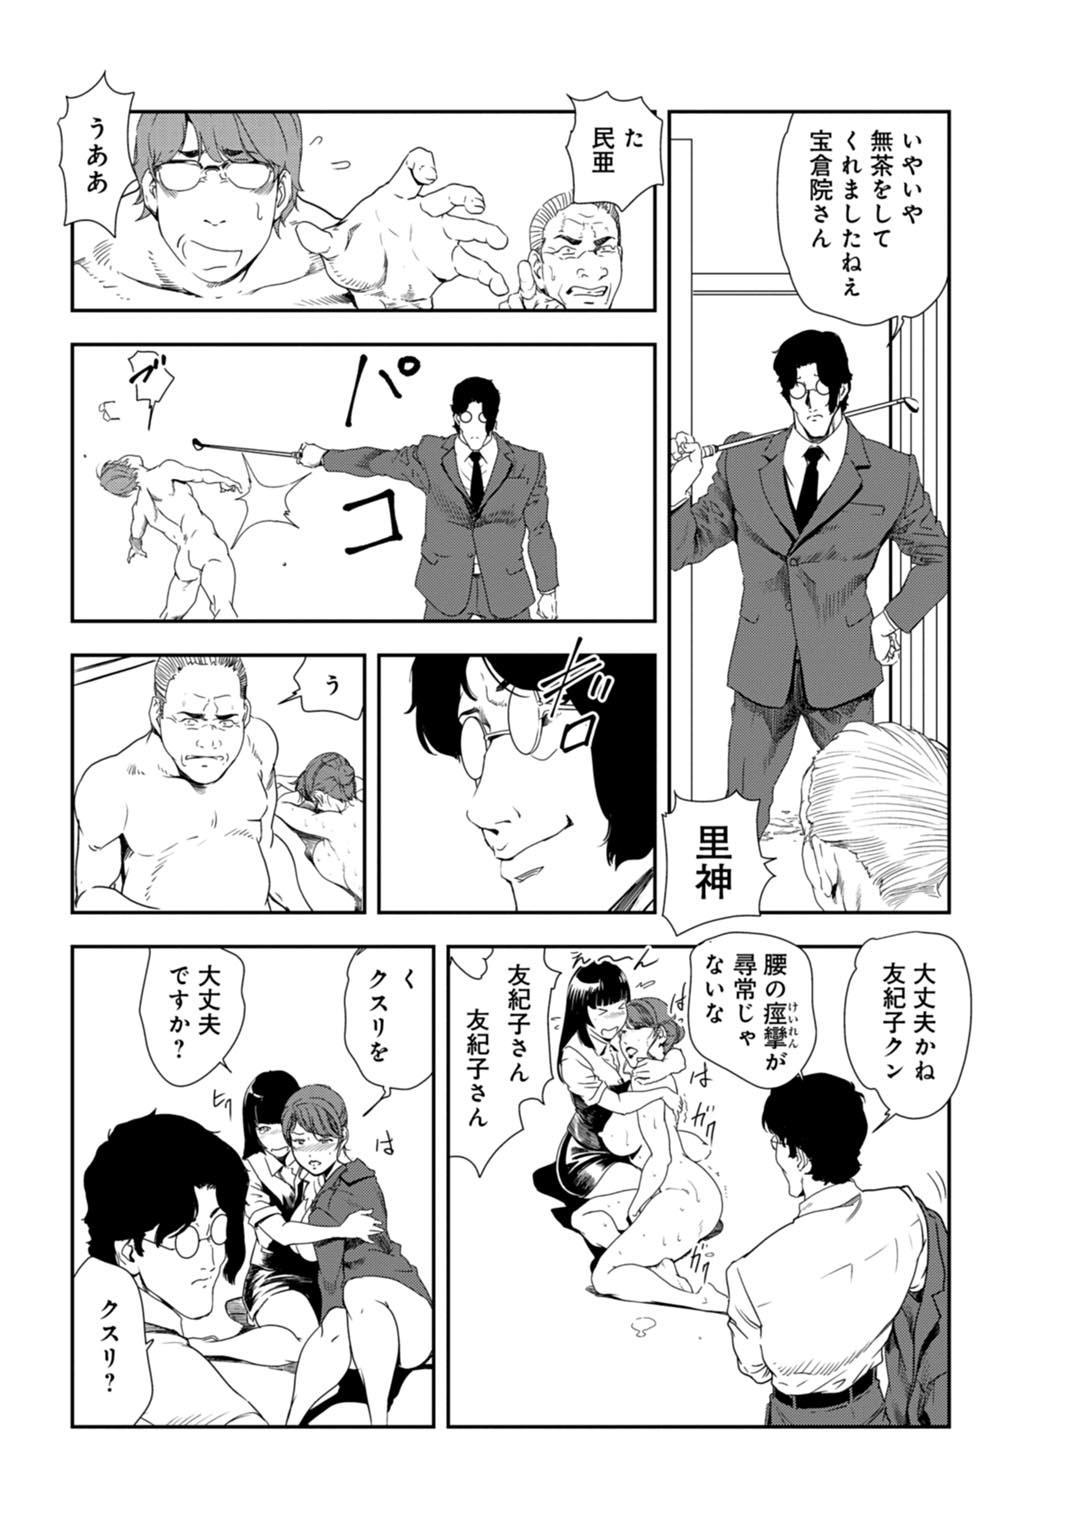 Nikuhisyo Yukiko 26 90